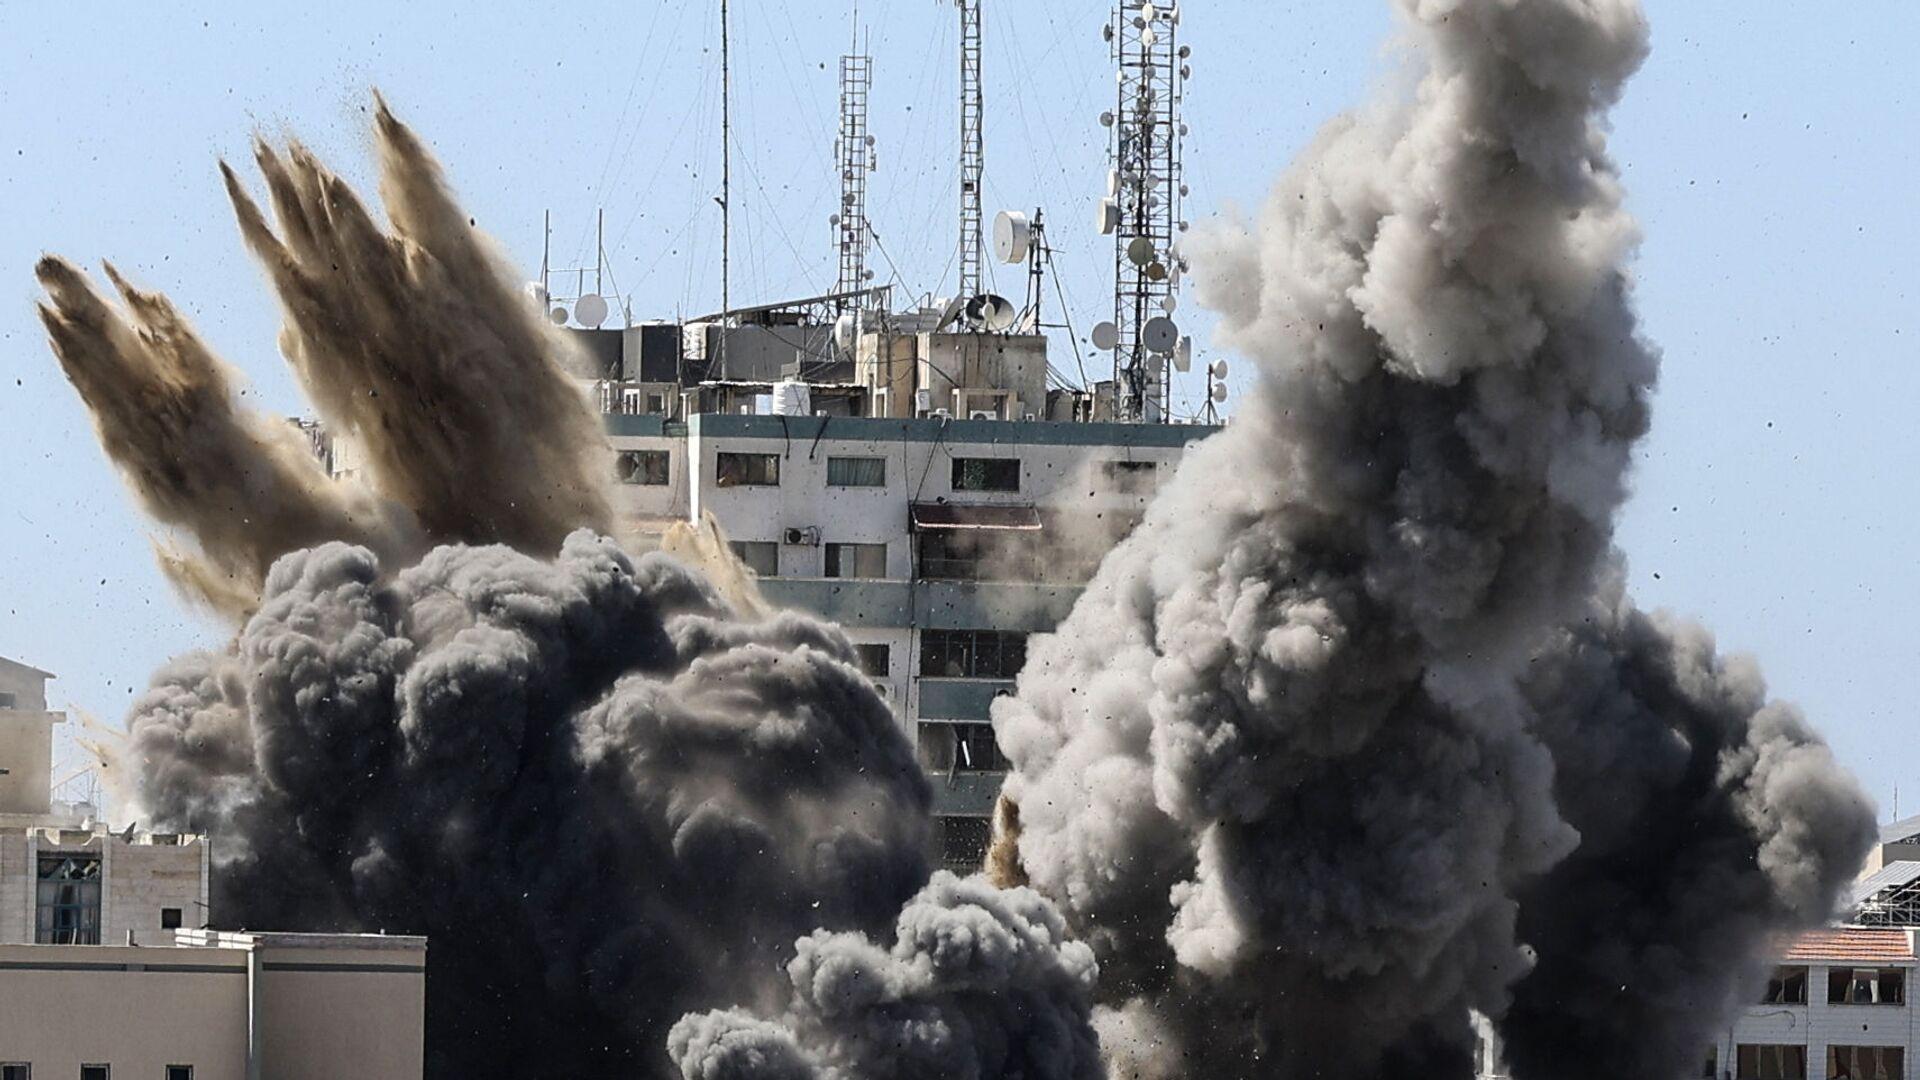 Izraelské letectvo zničilo výškovou budovu v Gaze, ve které byly umístěny kanceláře americké tiskové agentury Associated Press a televizního kanálu al-Džazíra. - Sputnik Česká republika, 1920, 19.05.2021